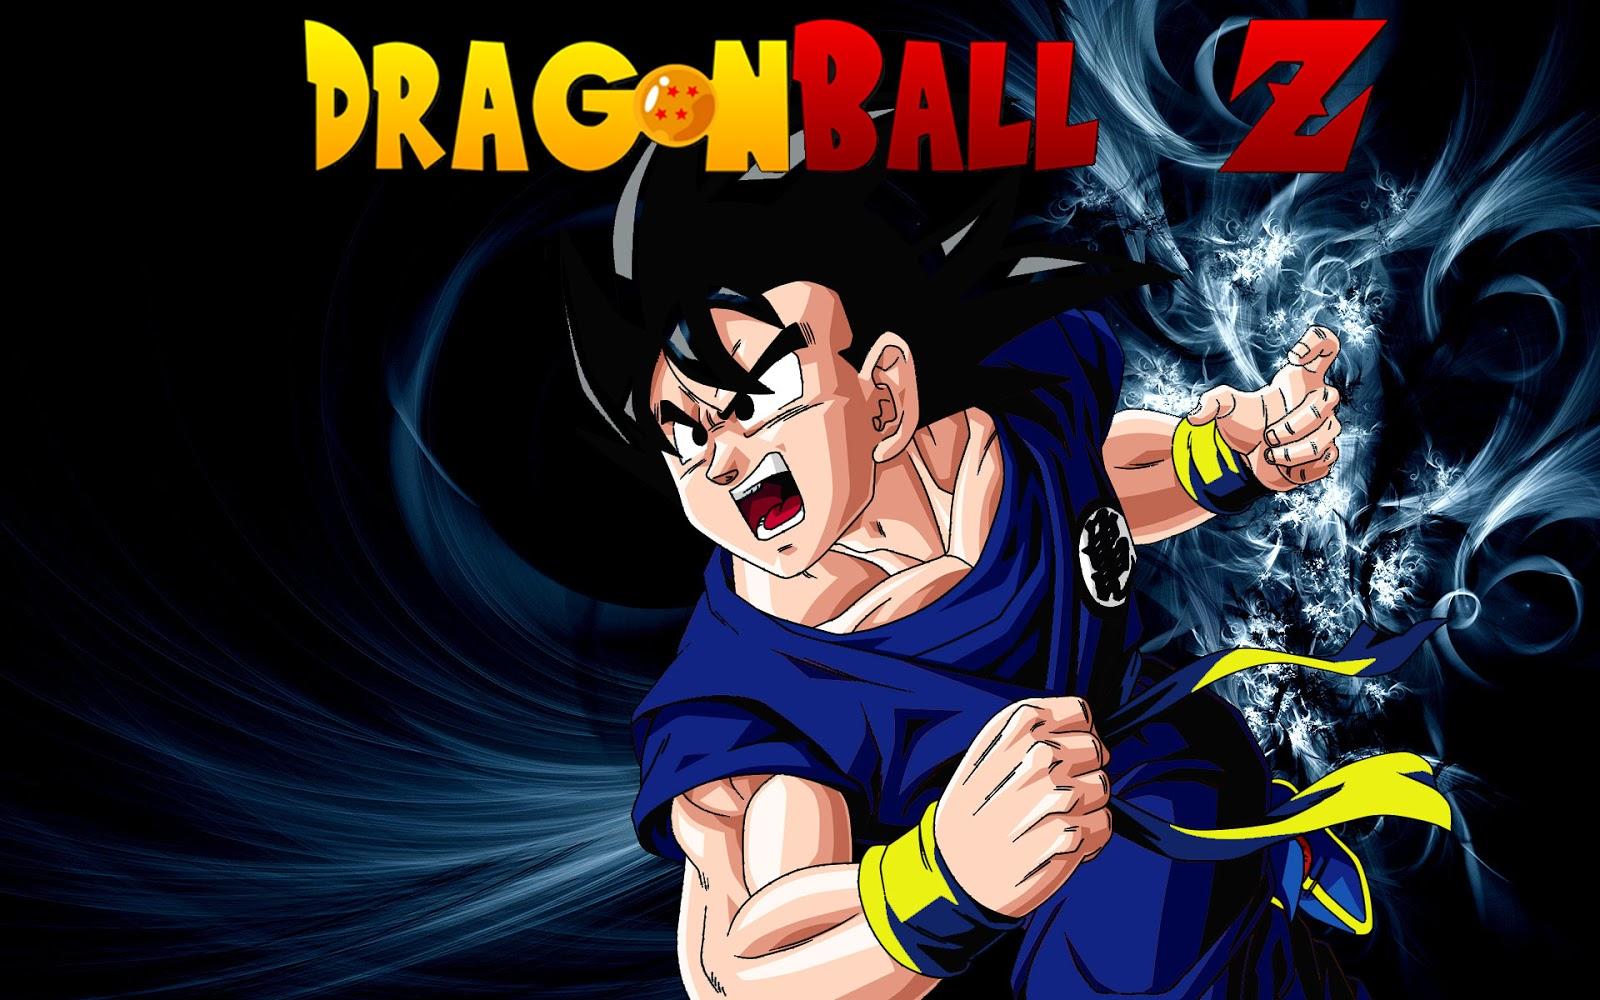 dragon ball 214 latino dating